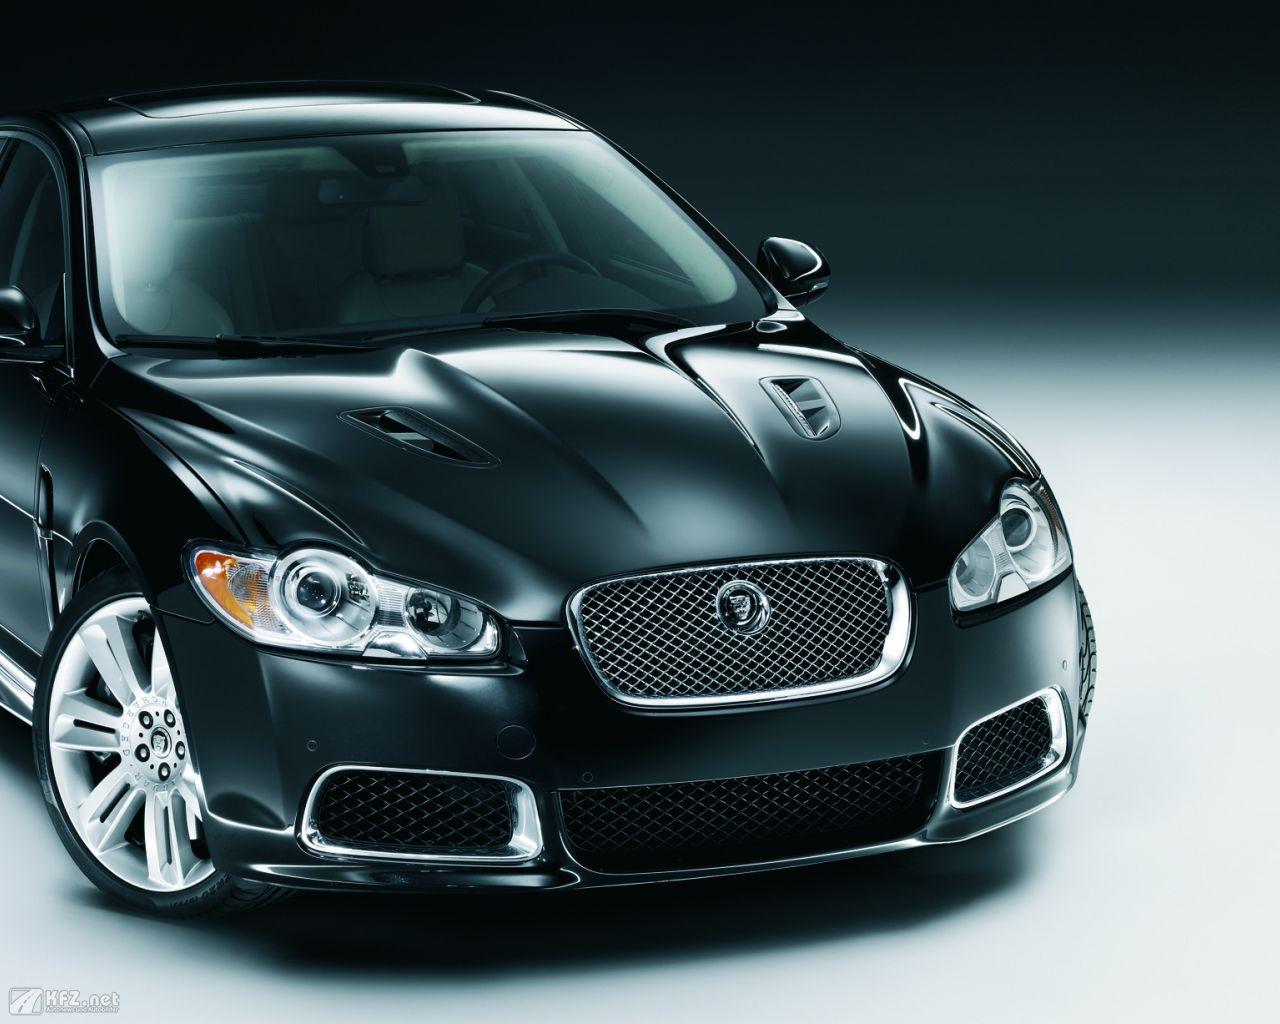 jaguar-xf-1280x1024-110